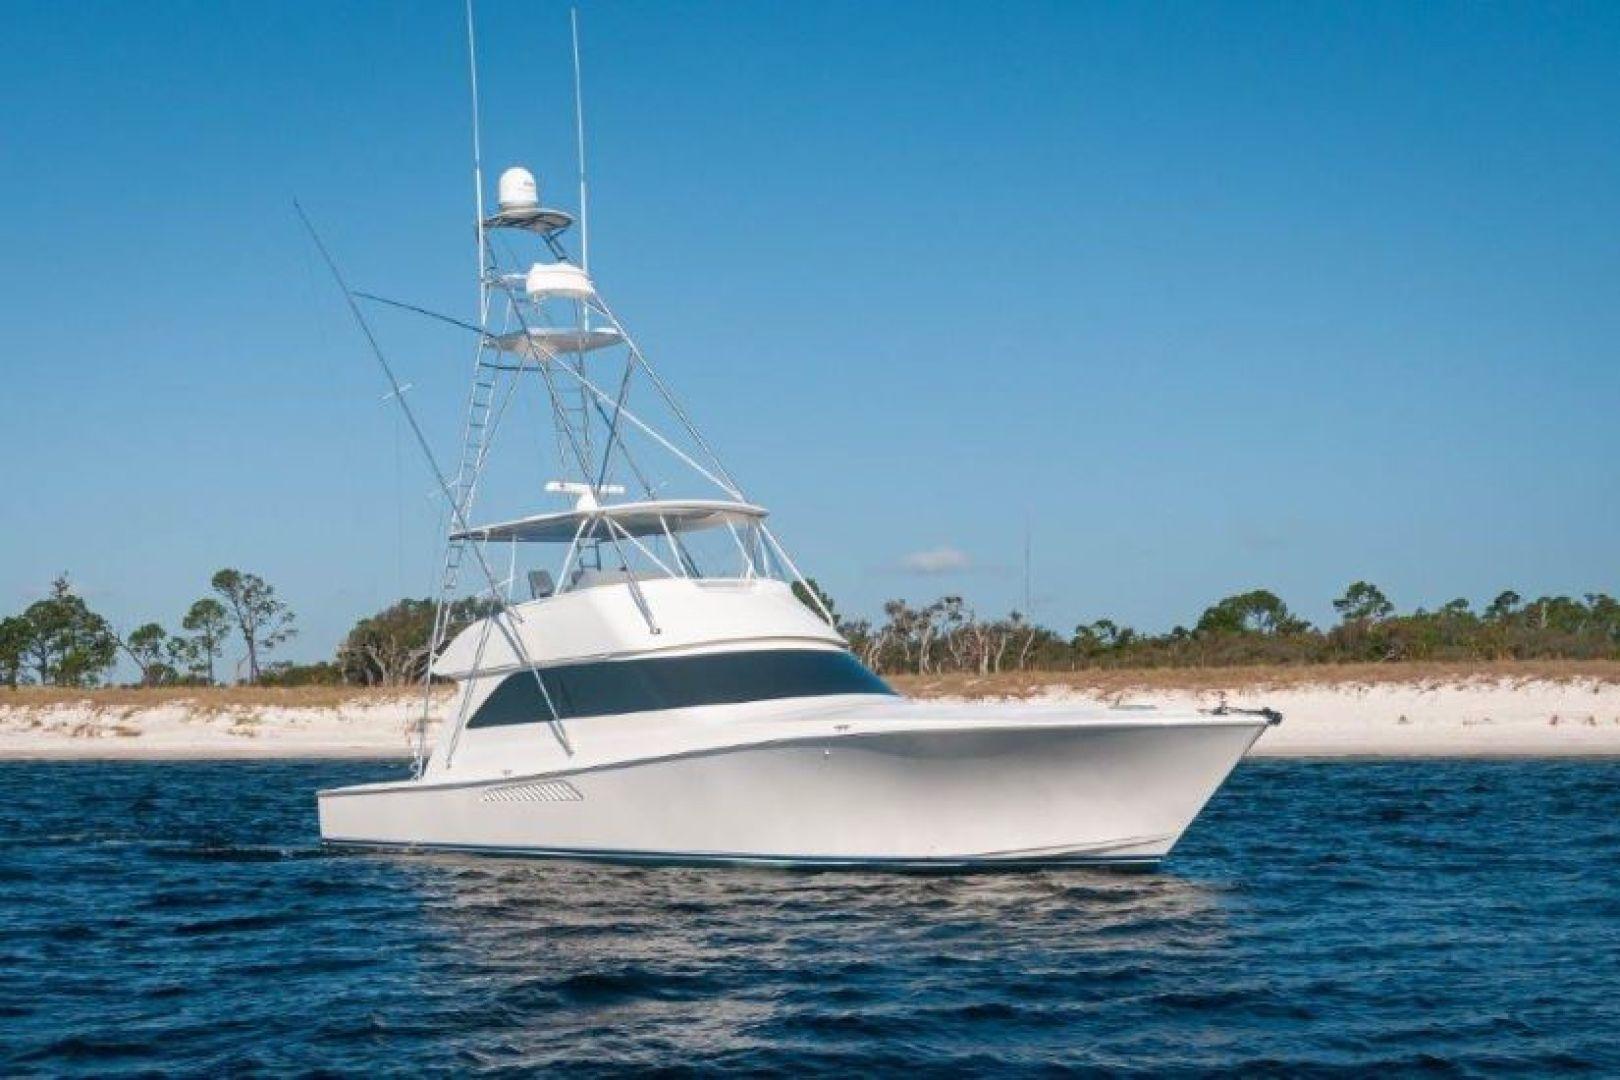 Viking-61 Convertible 2004-Second Wind Panama City Beach-Florida-United States-2004 61 Viking Convertible Second Wind Profile-1545067 | Thumbnail